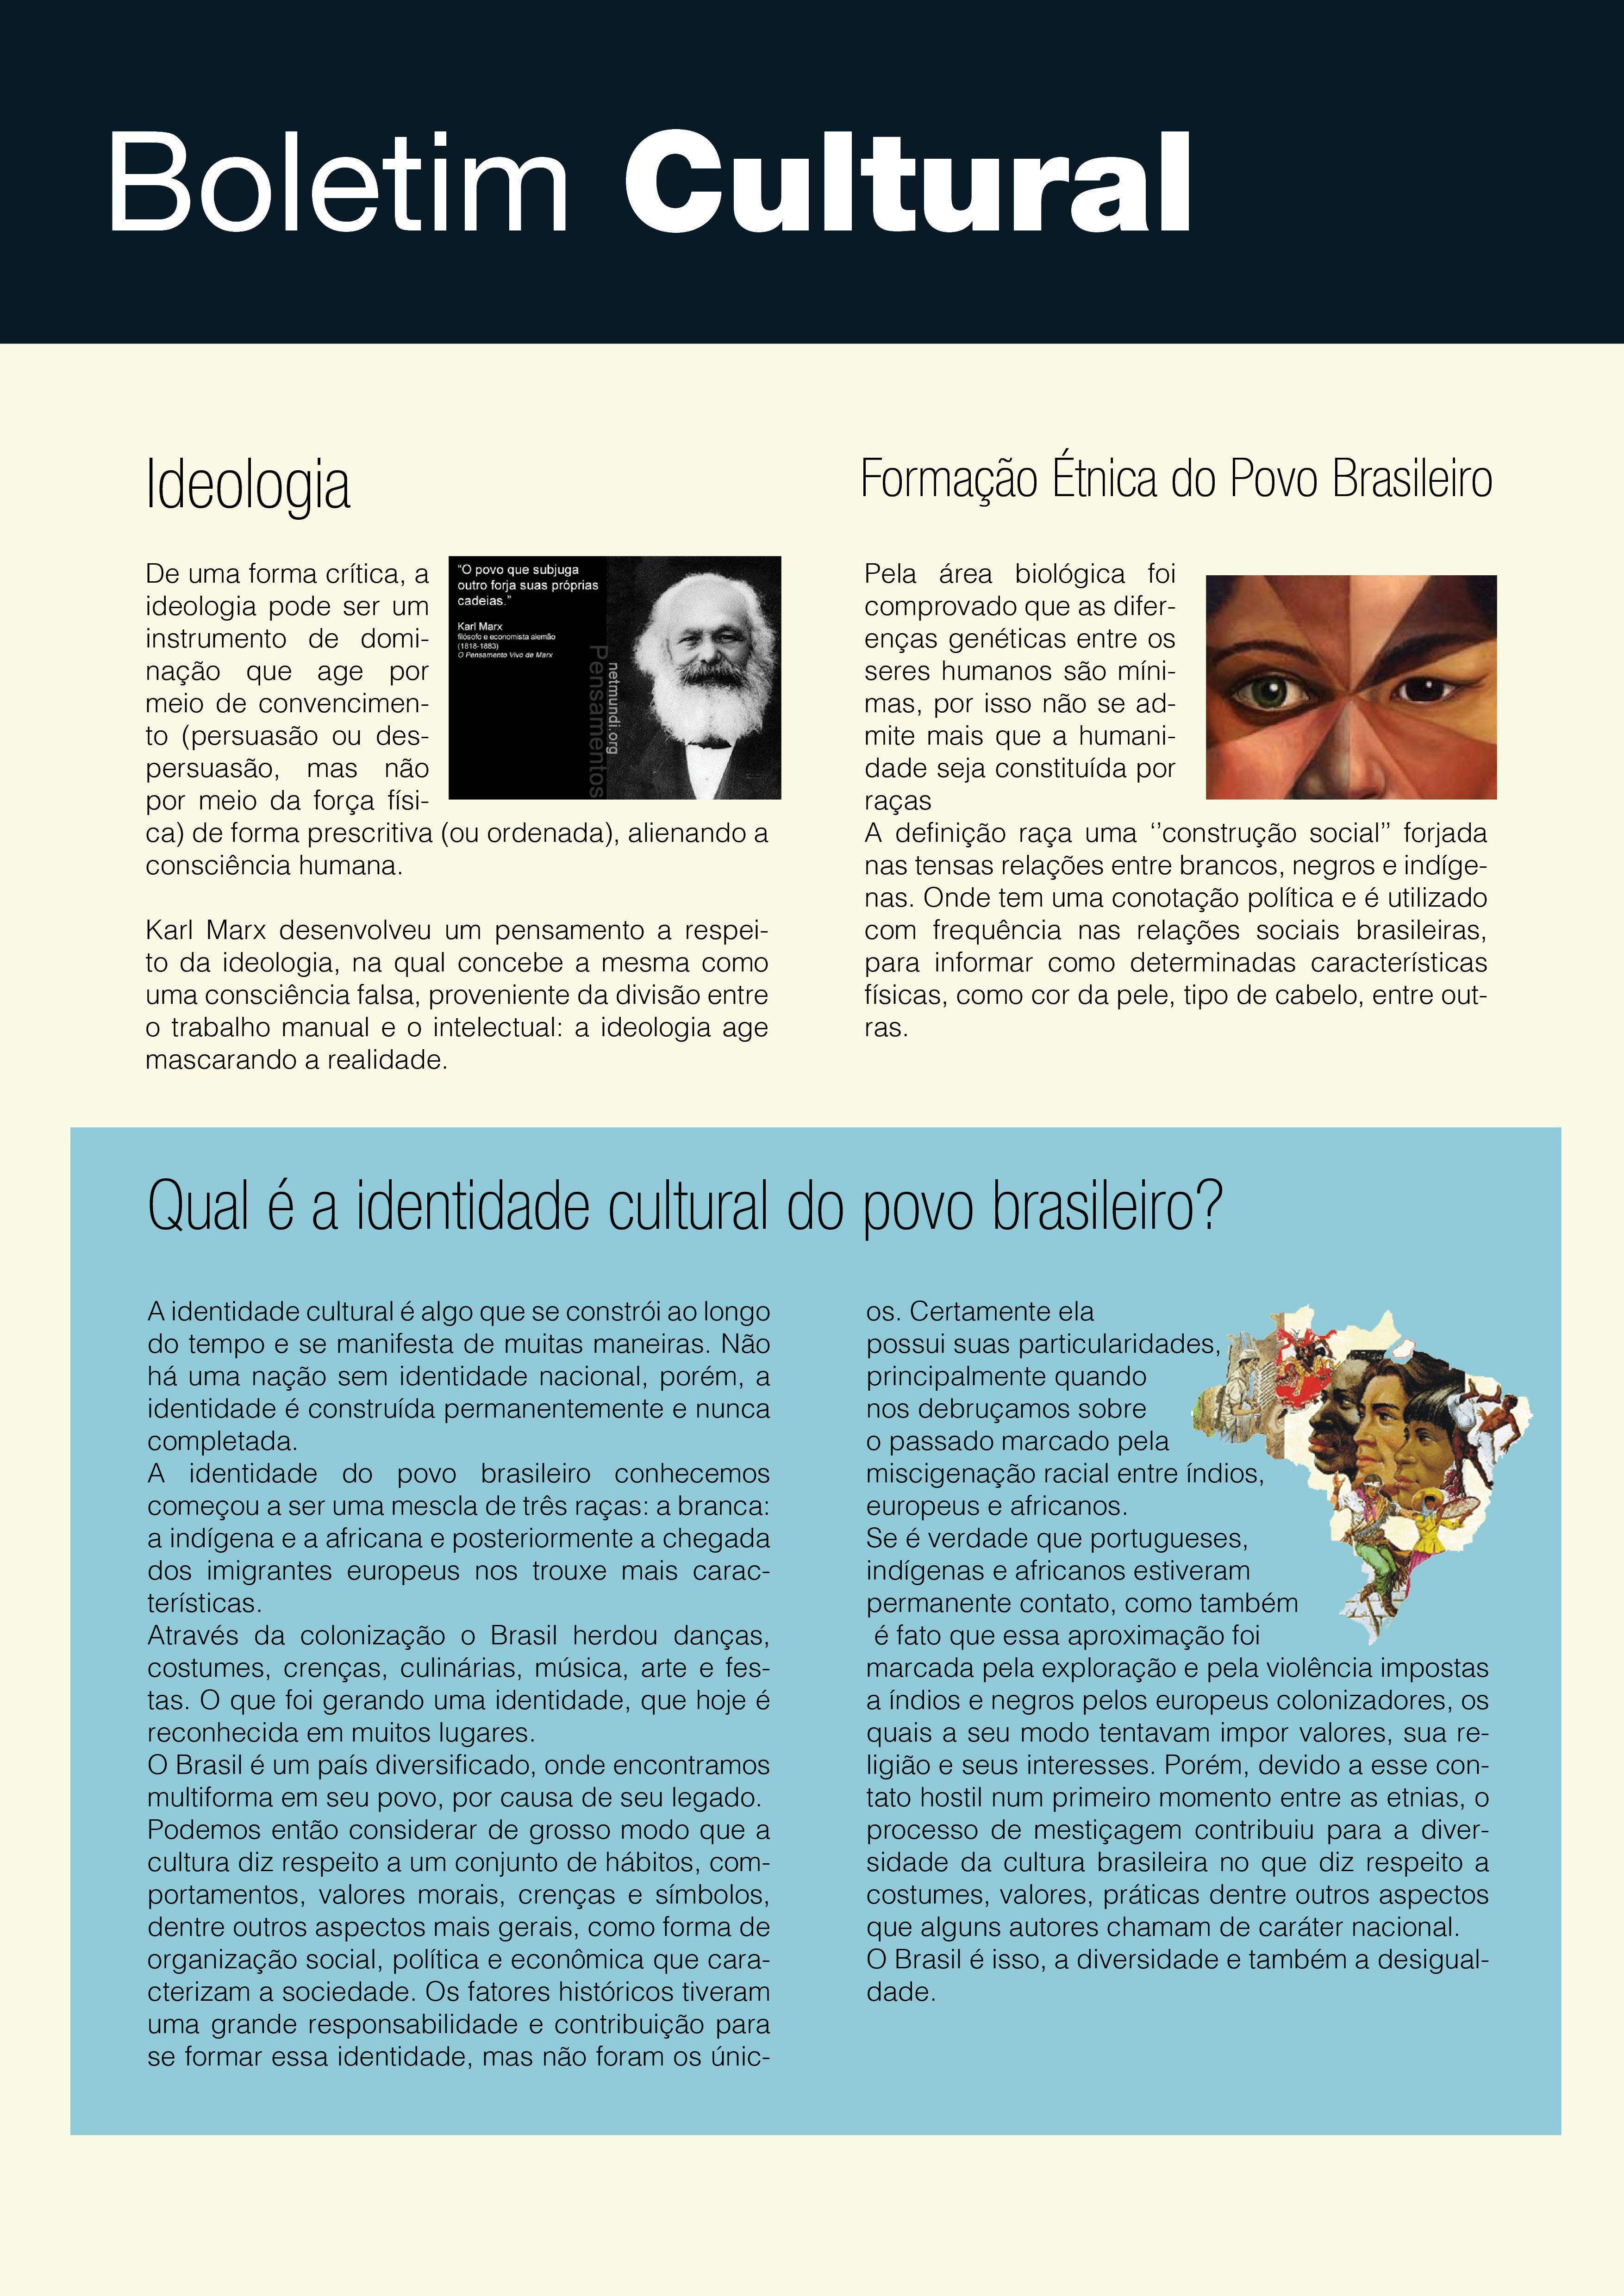 Boletim de Cultura Brasilleira